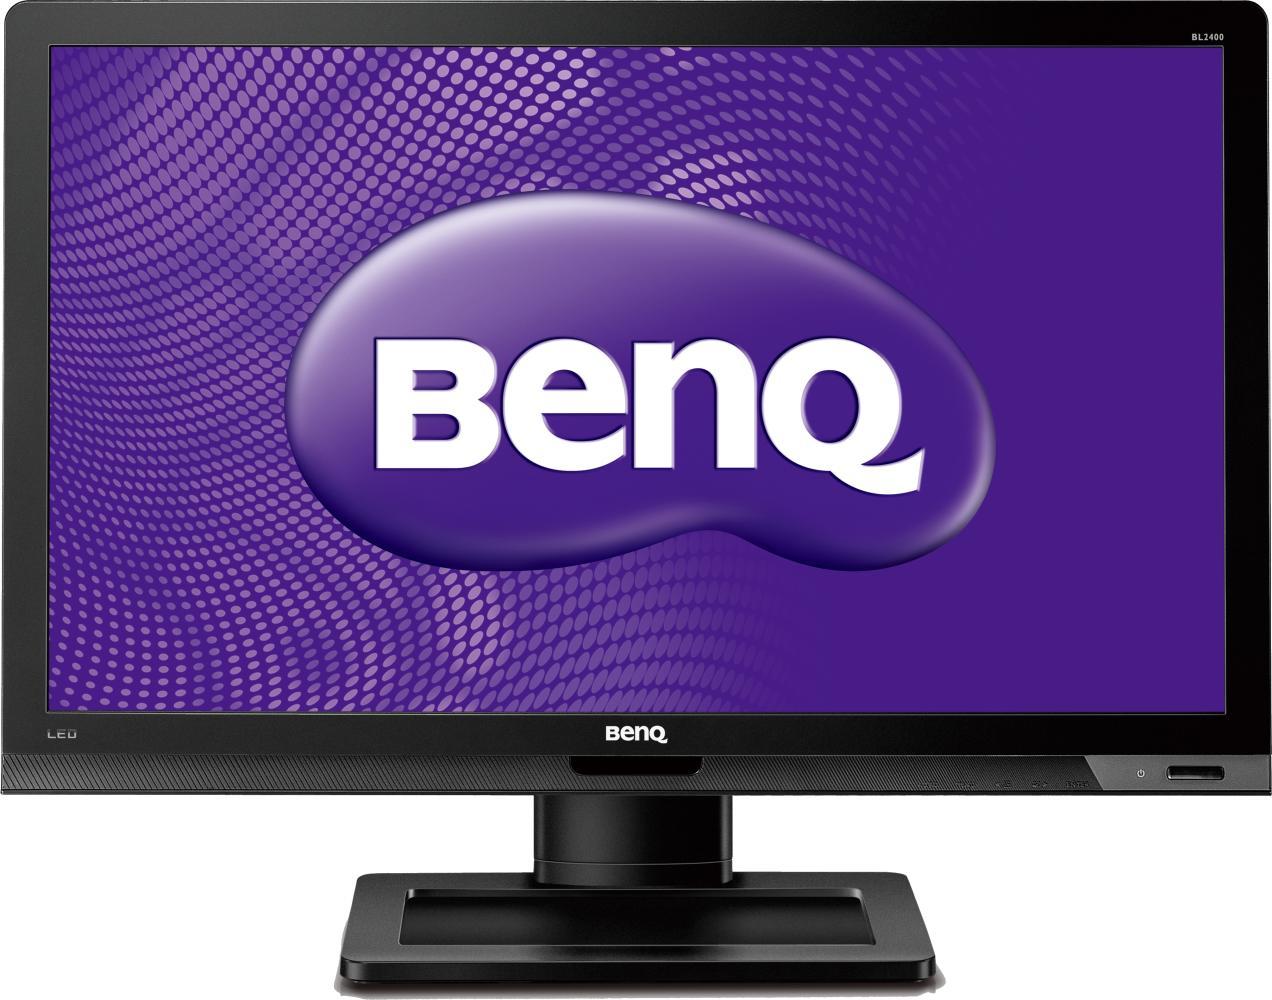 BenQ G2450